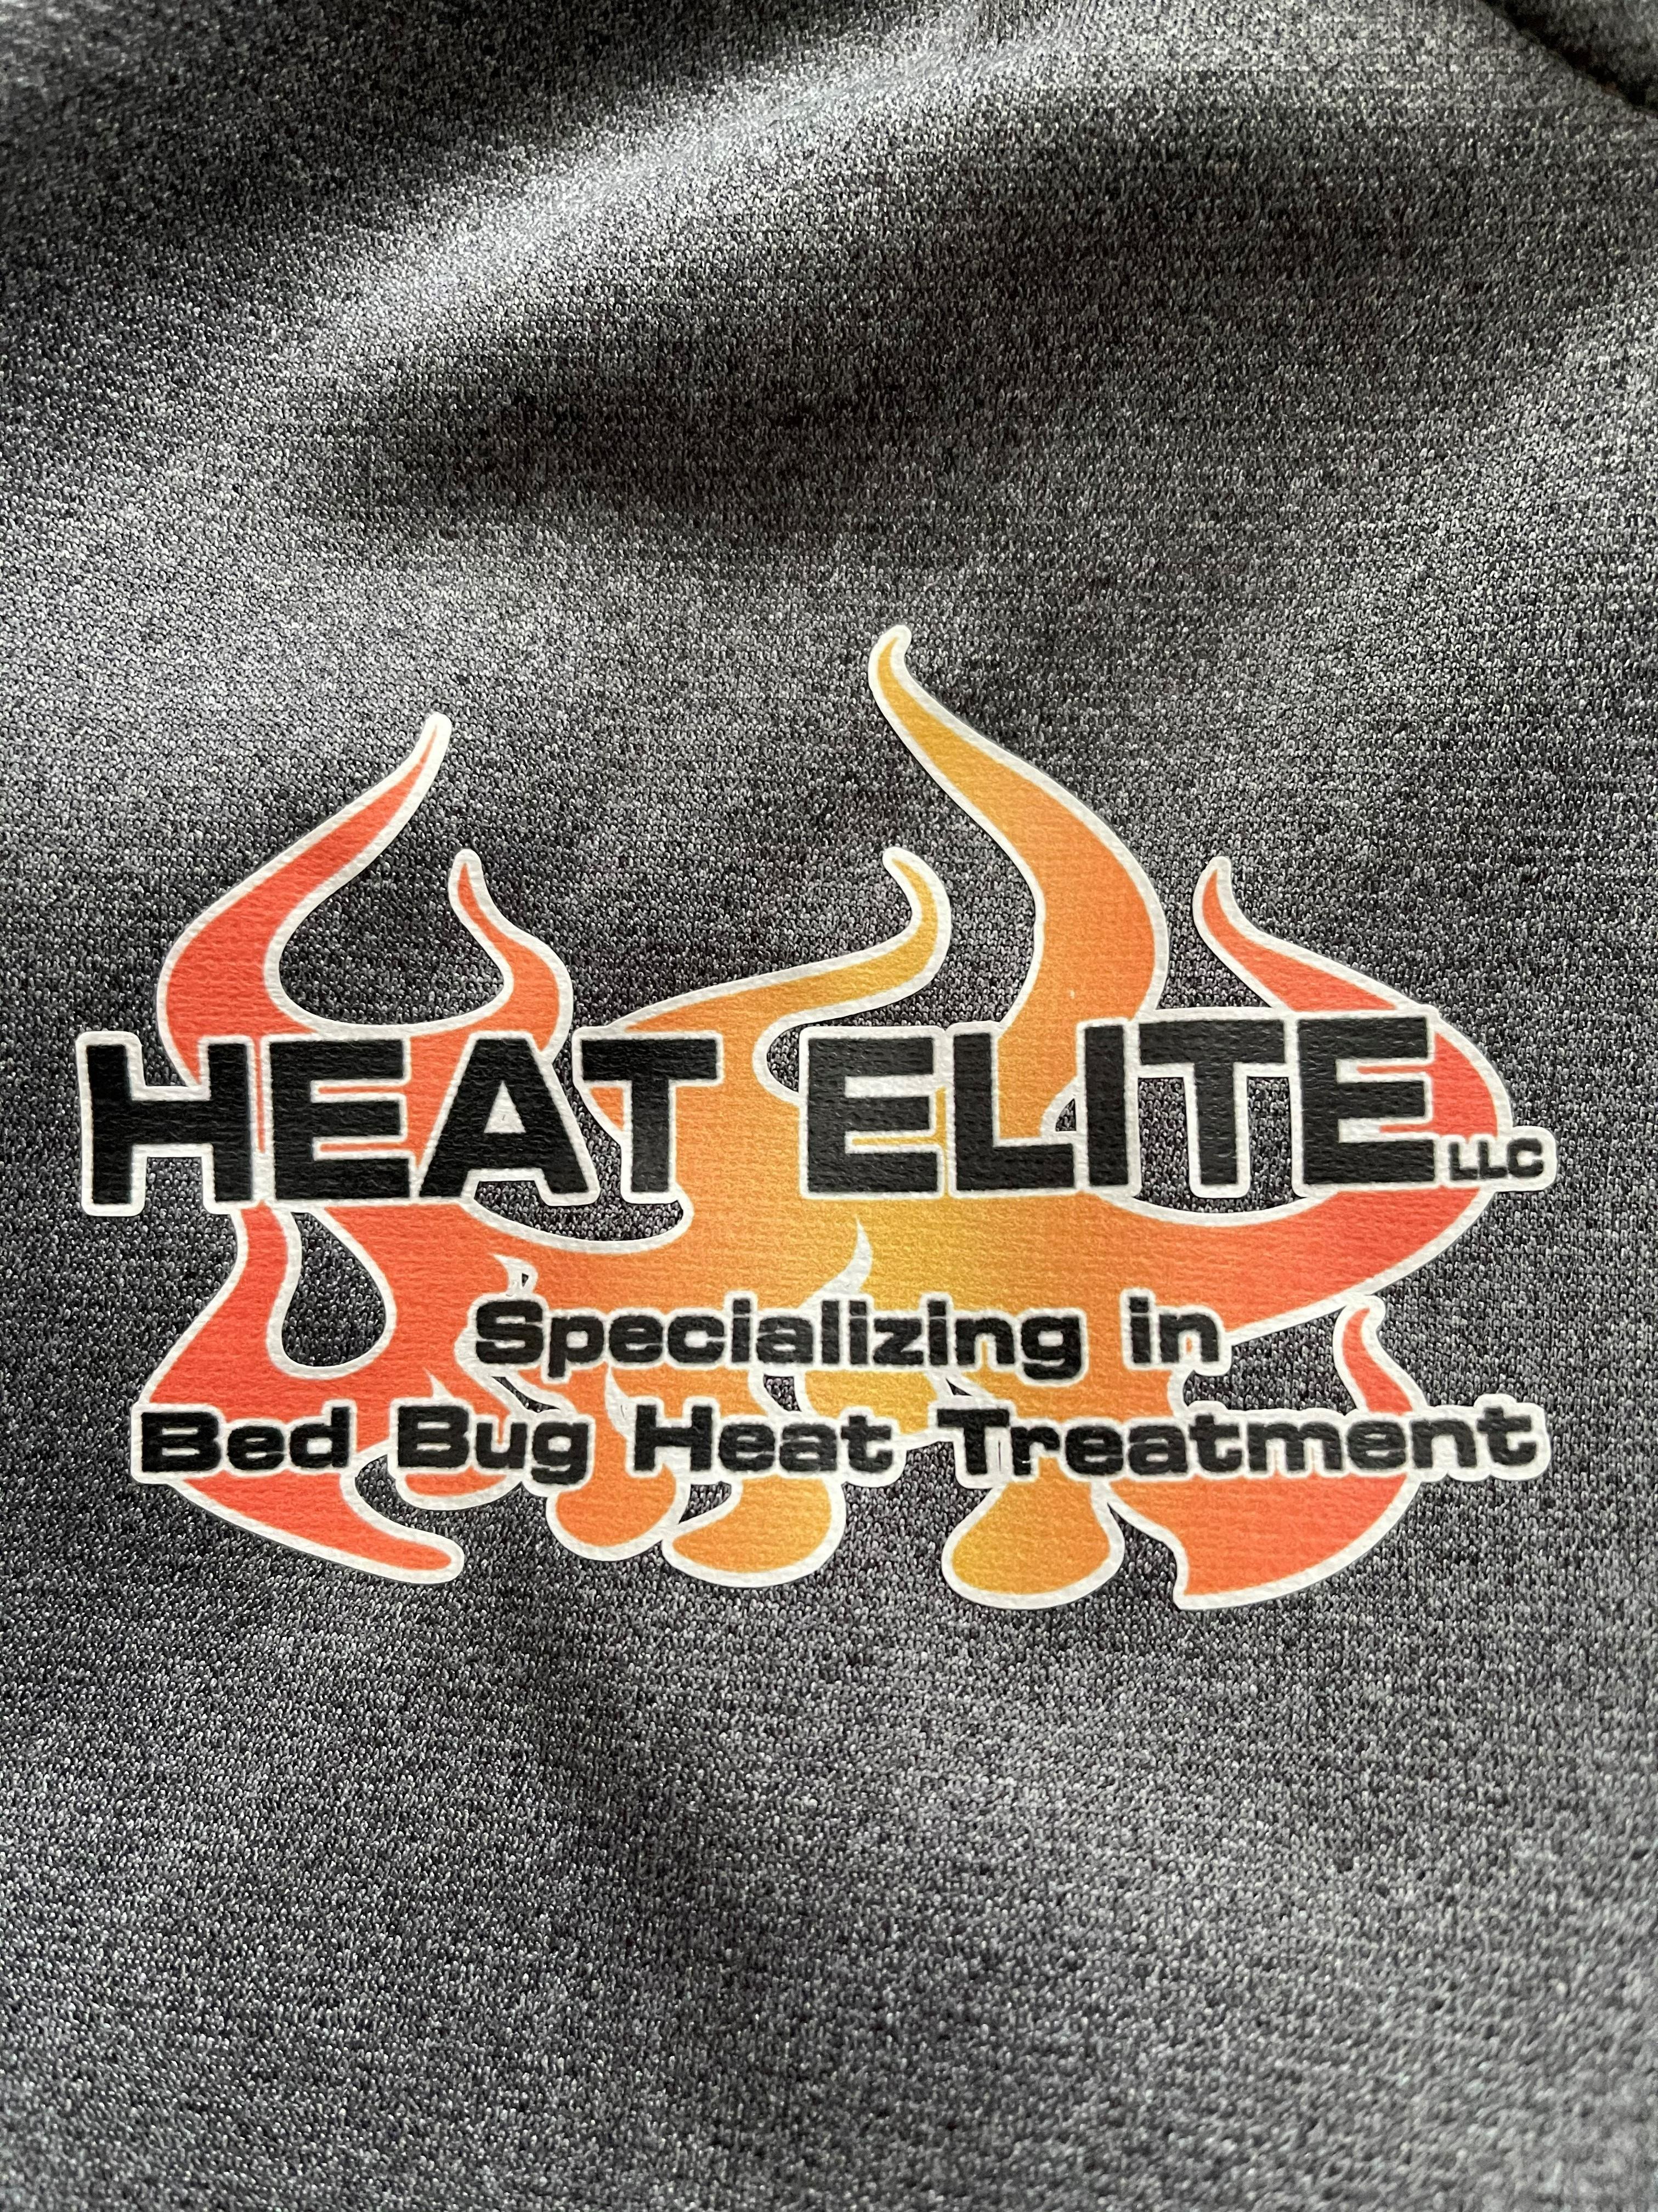 Heat Elite